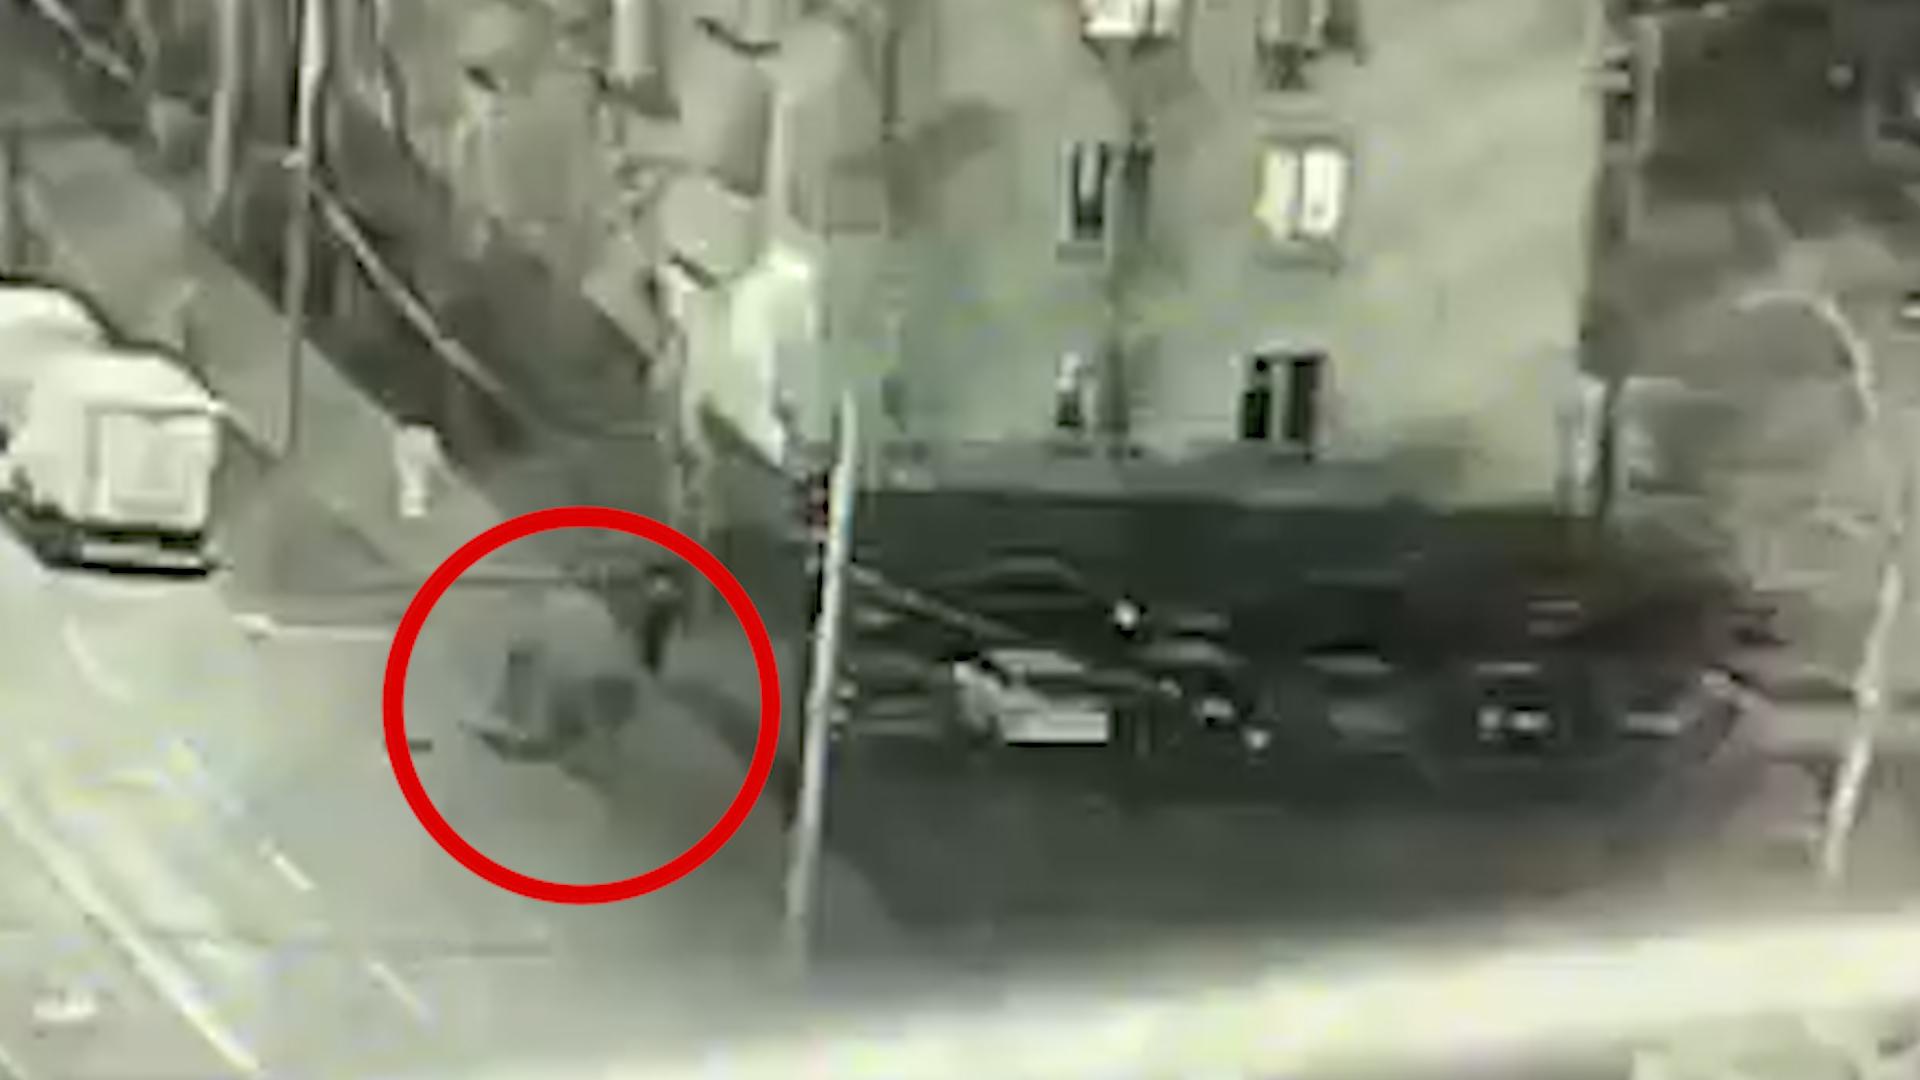 Жертва  прокурор, преступники  неудачники: нелепую попытку ограбления пресекли в Москве